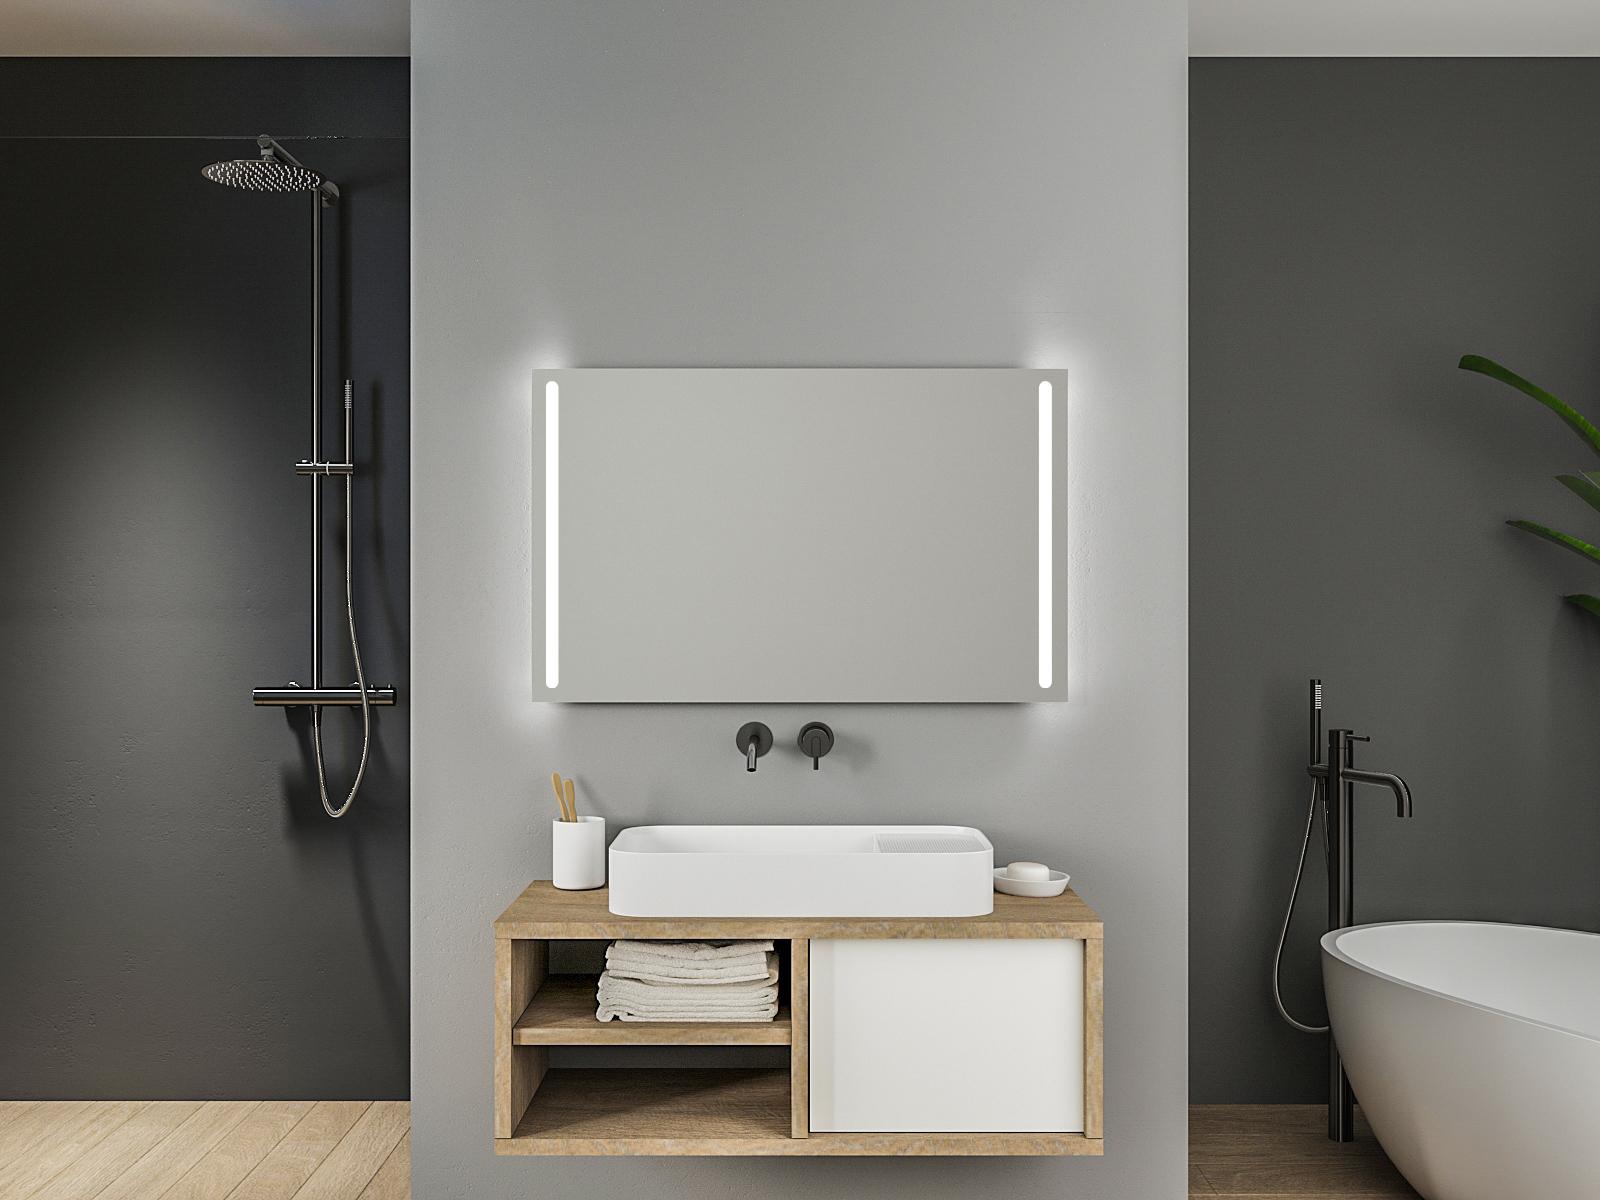 Badspiegel mit LED Beleuchtung - Köln